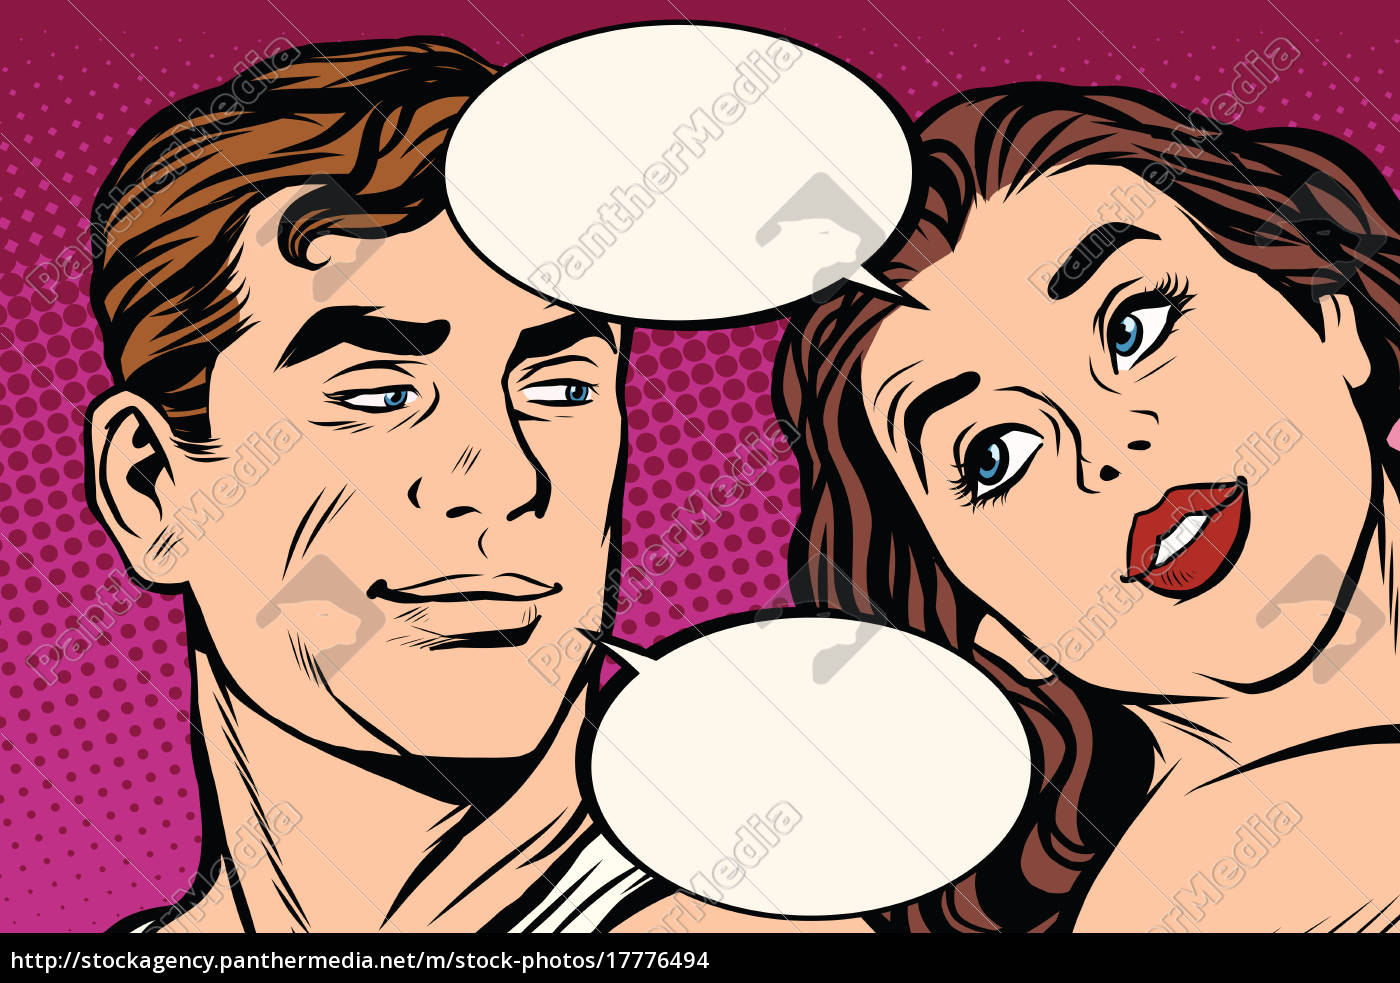 Mann frau kommunikation Unterschiede in